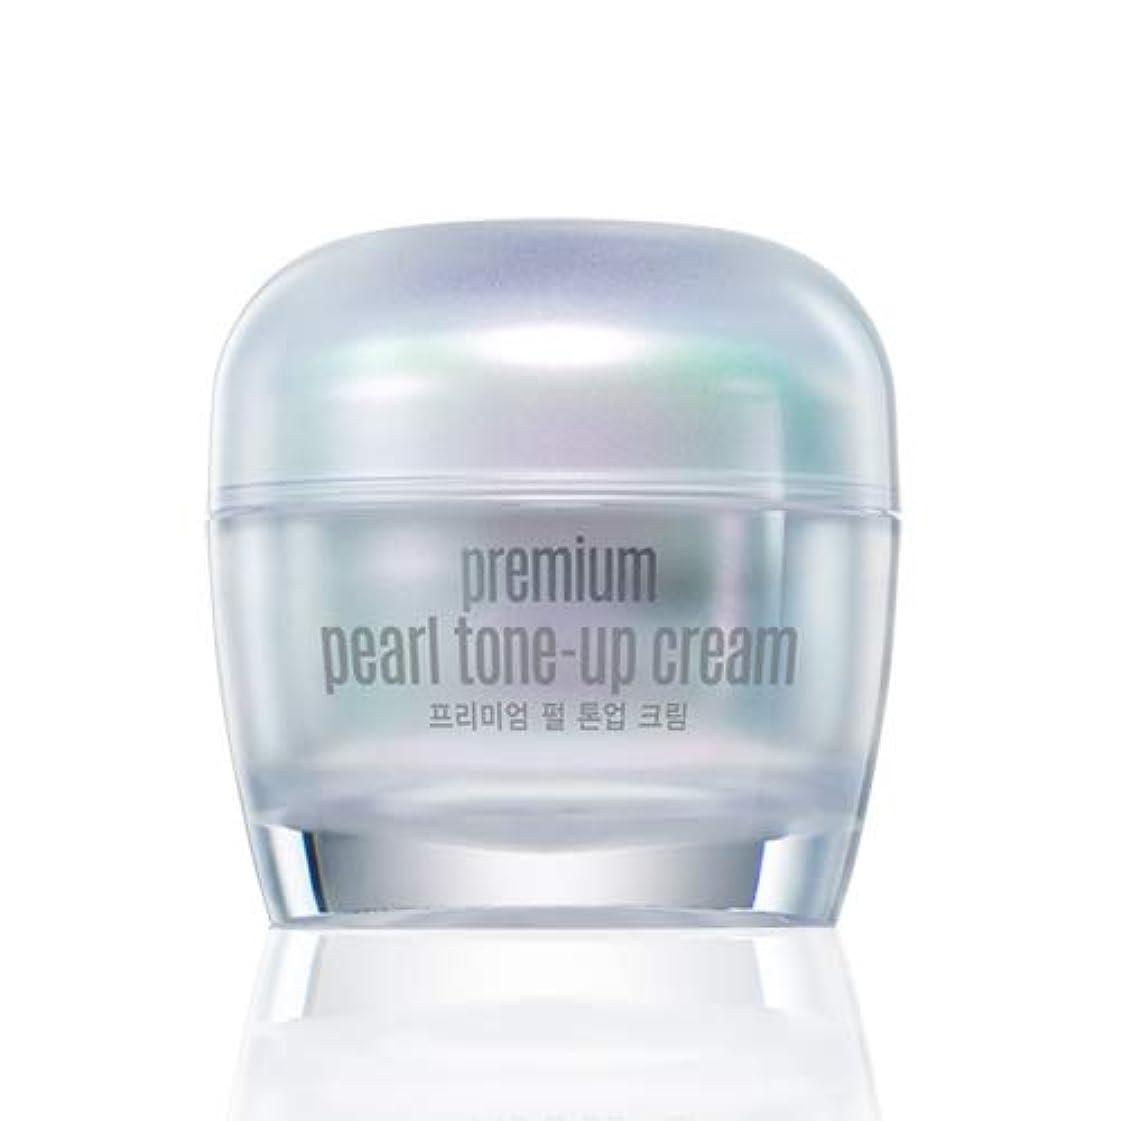 盗賊飢えた迷惑グーダル プレミアム パール トーンアップ クリーム50ml Goodal Premium Pearl Tone-up Cream [並行輸入品]